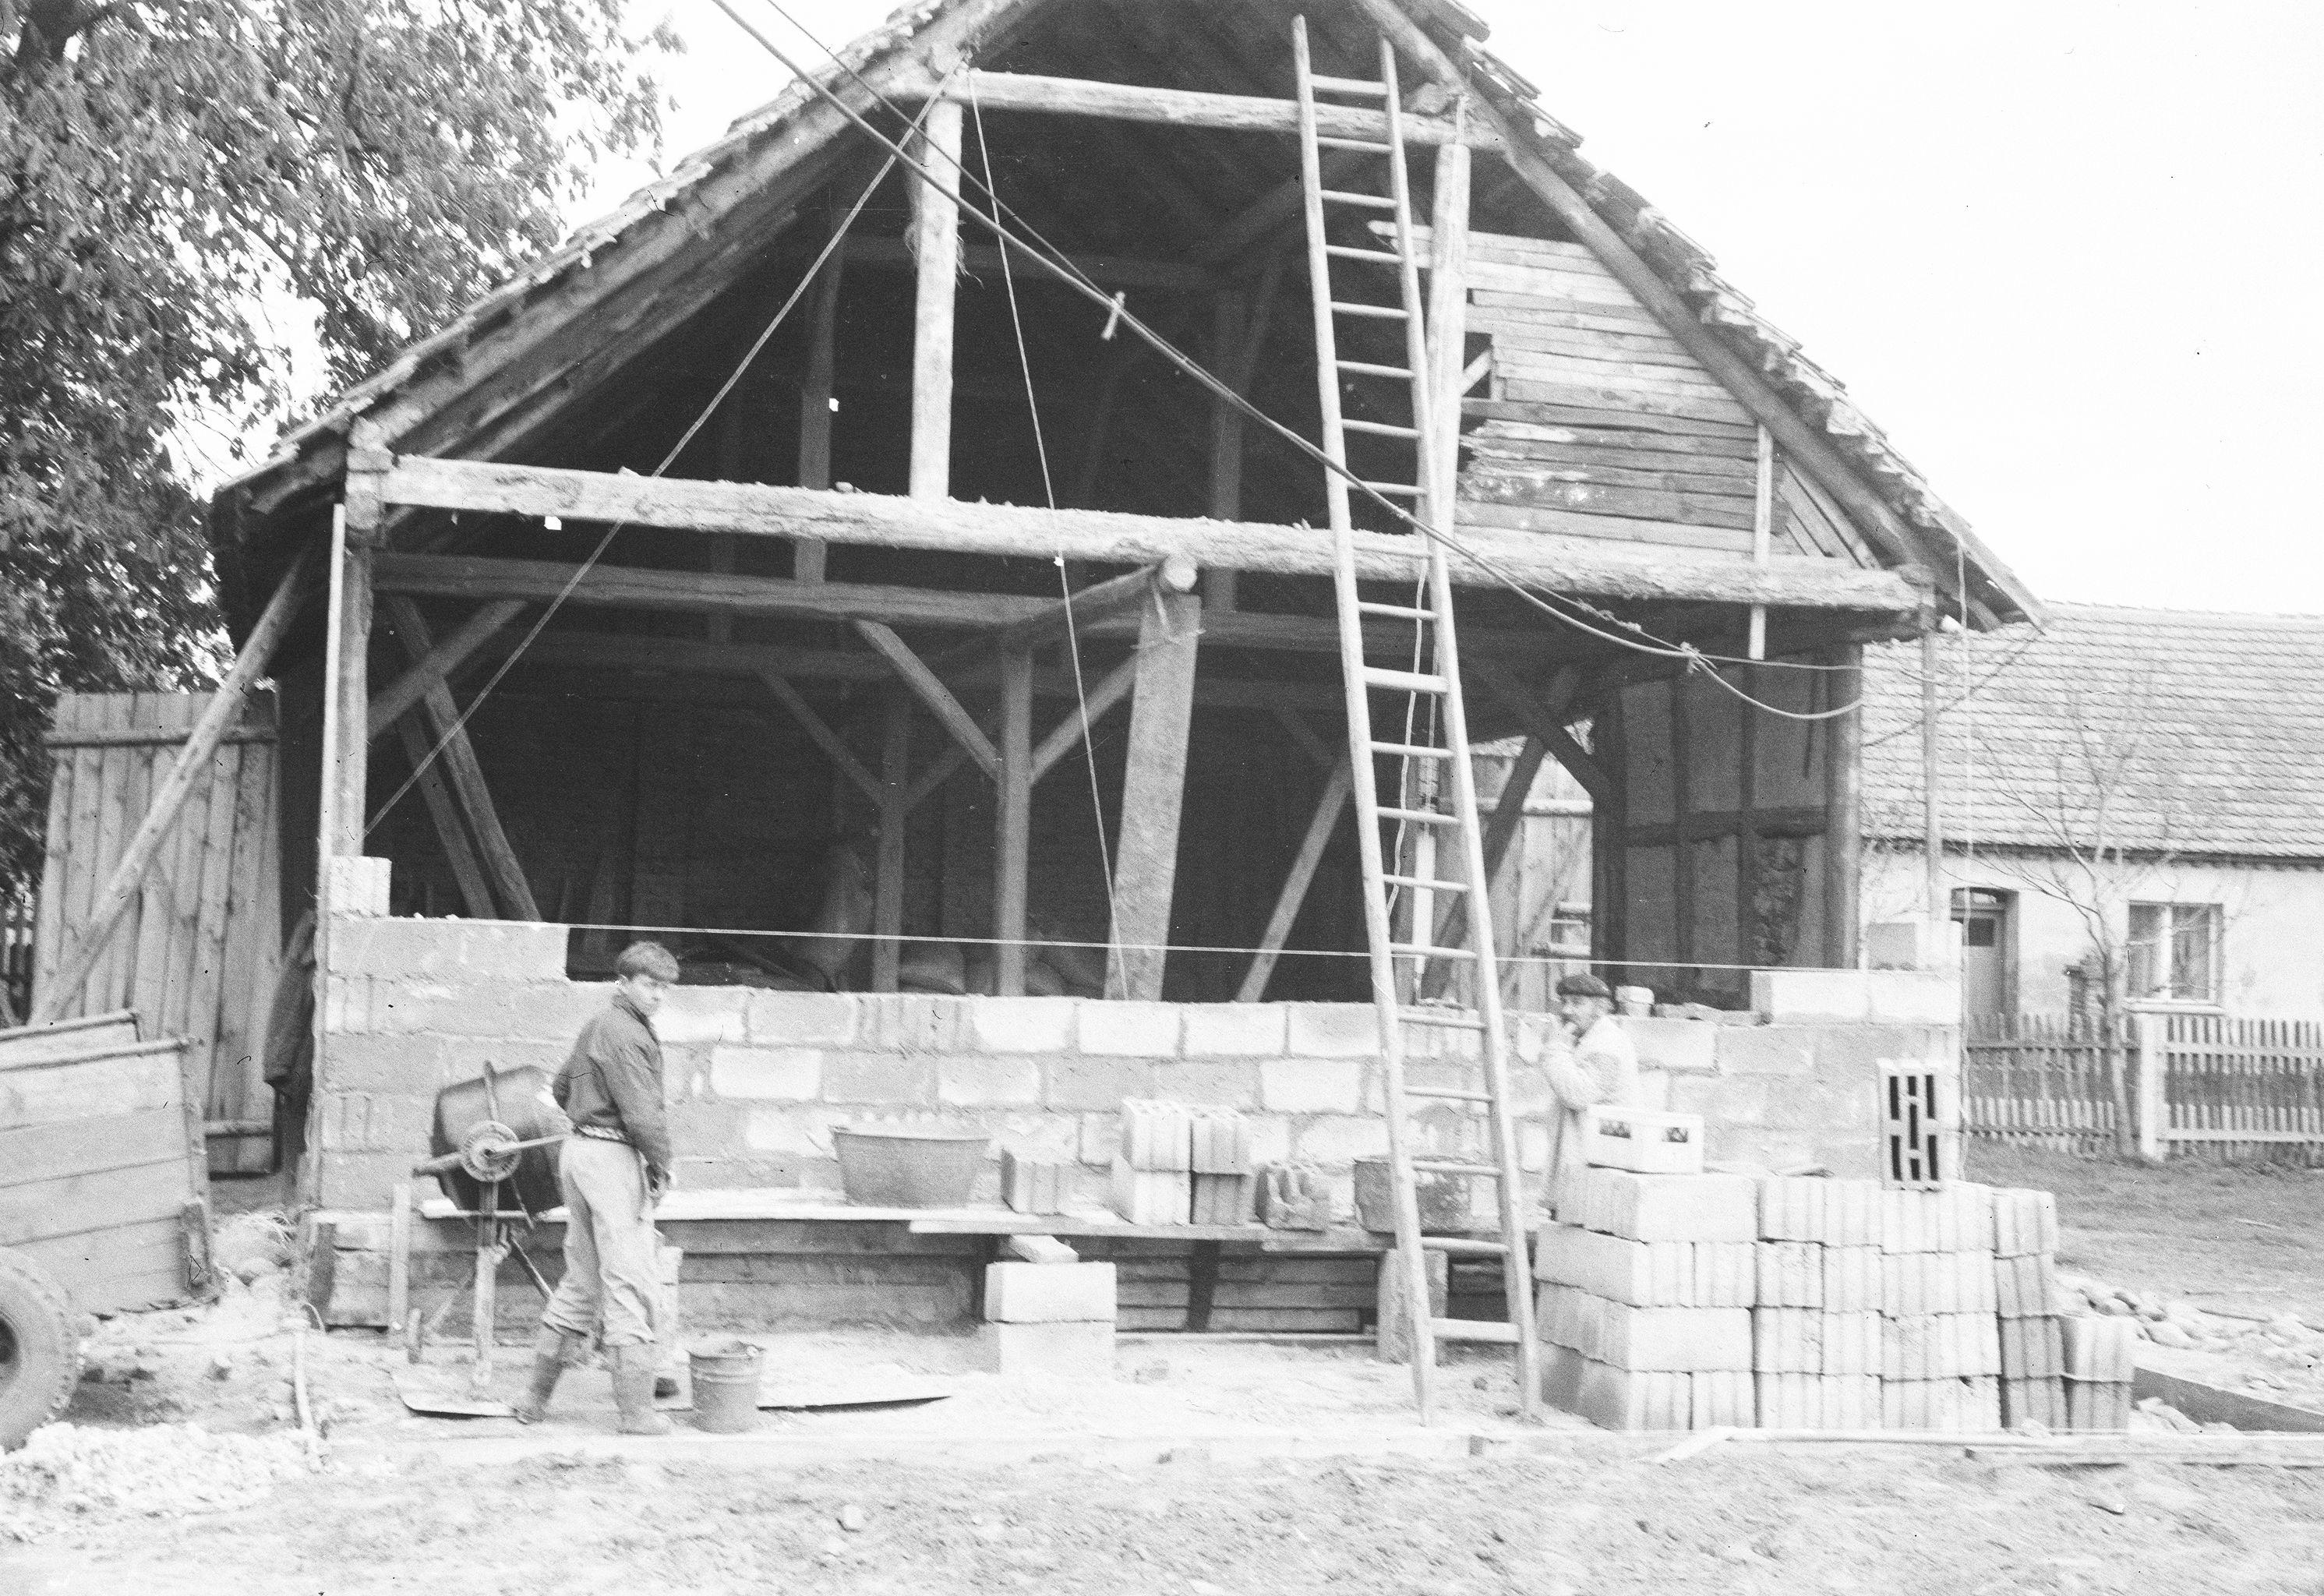 Remont stodoły, Brzózka, Dolny Śląsk, lata 80. XX w.